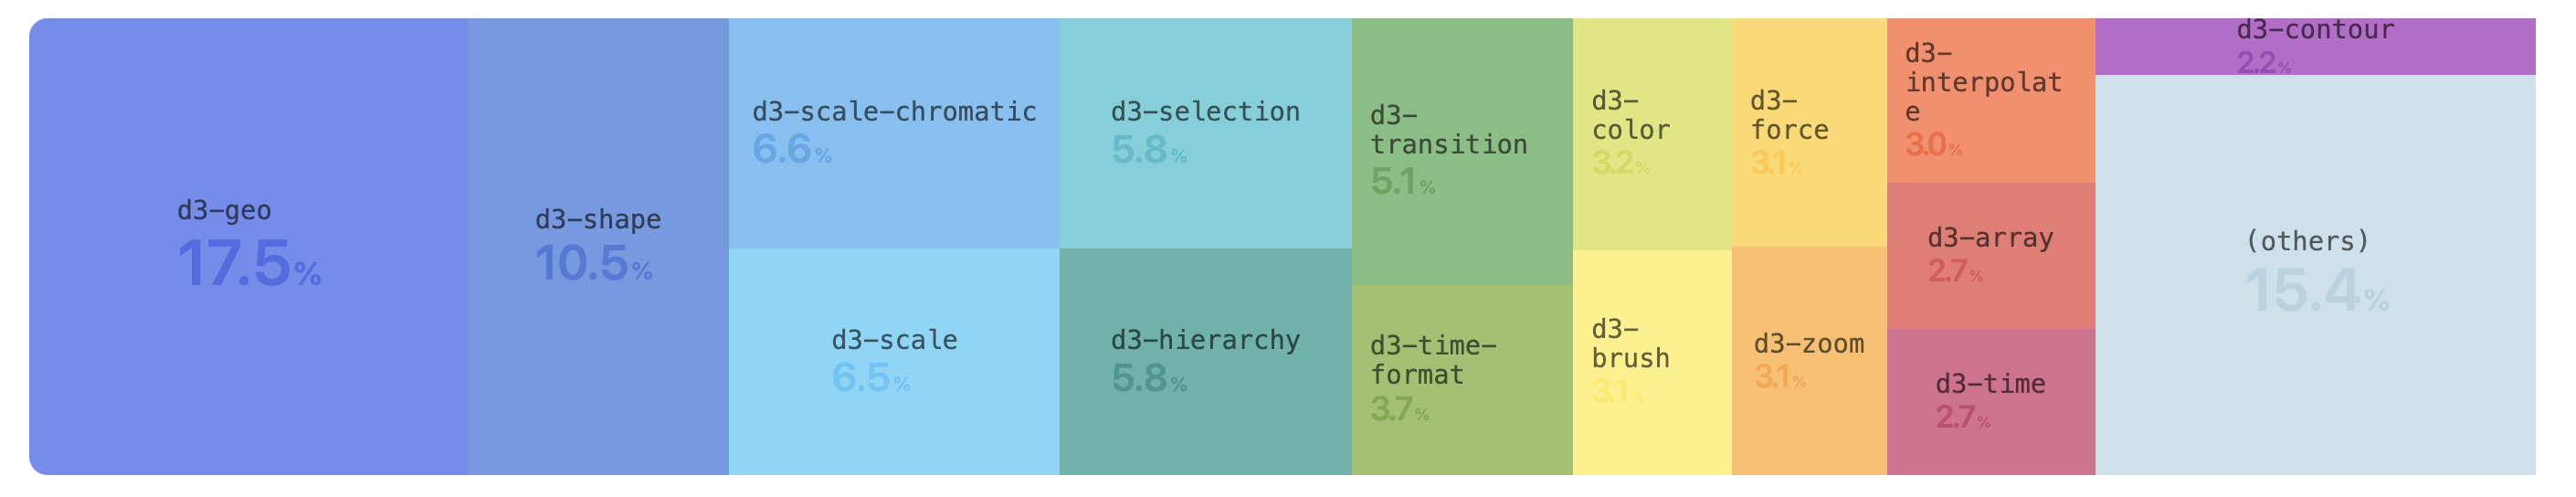 d3 5.x version composition